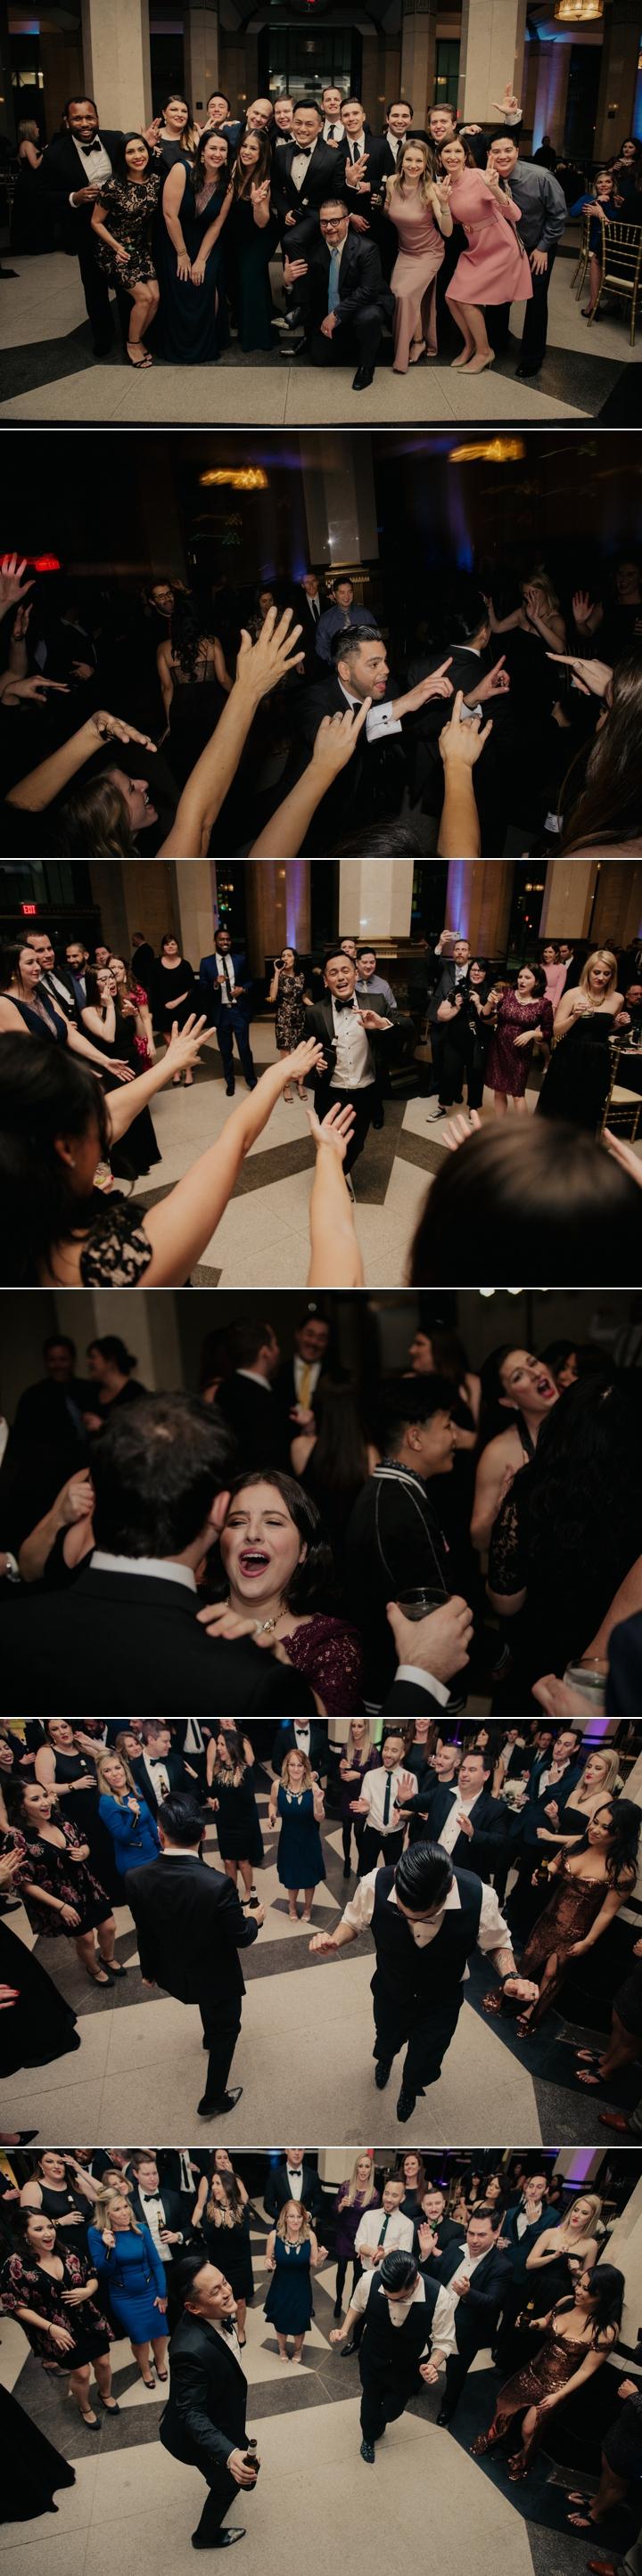 the-statler-hotel-weddings 14.jpg